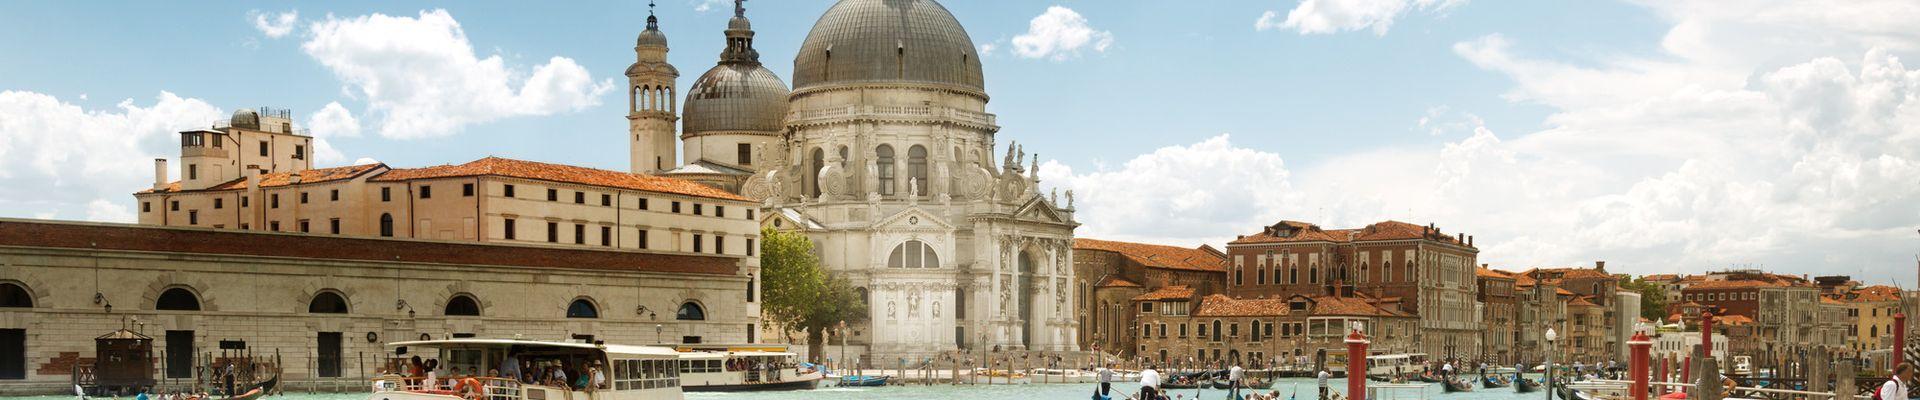 Gondelfahren in Venedig